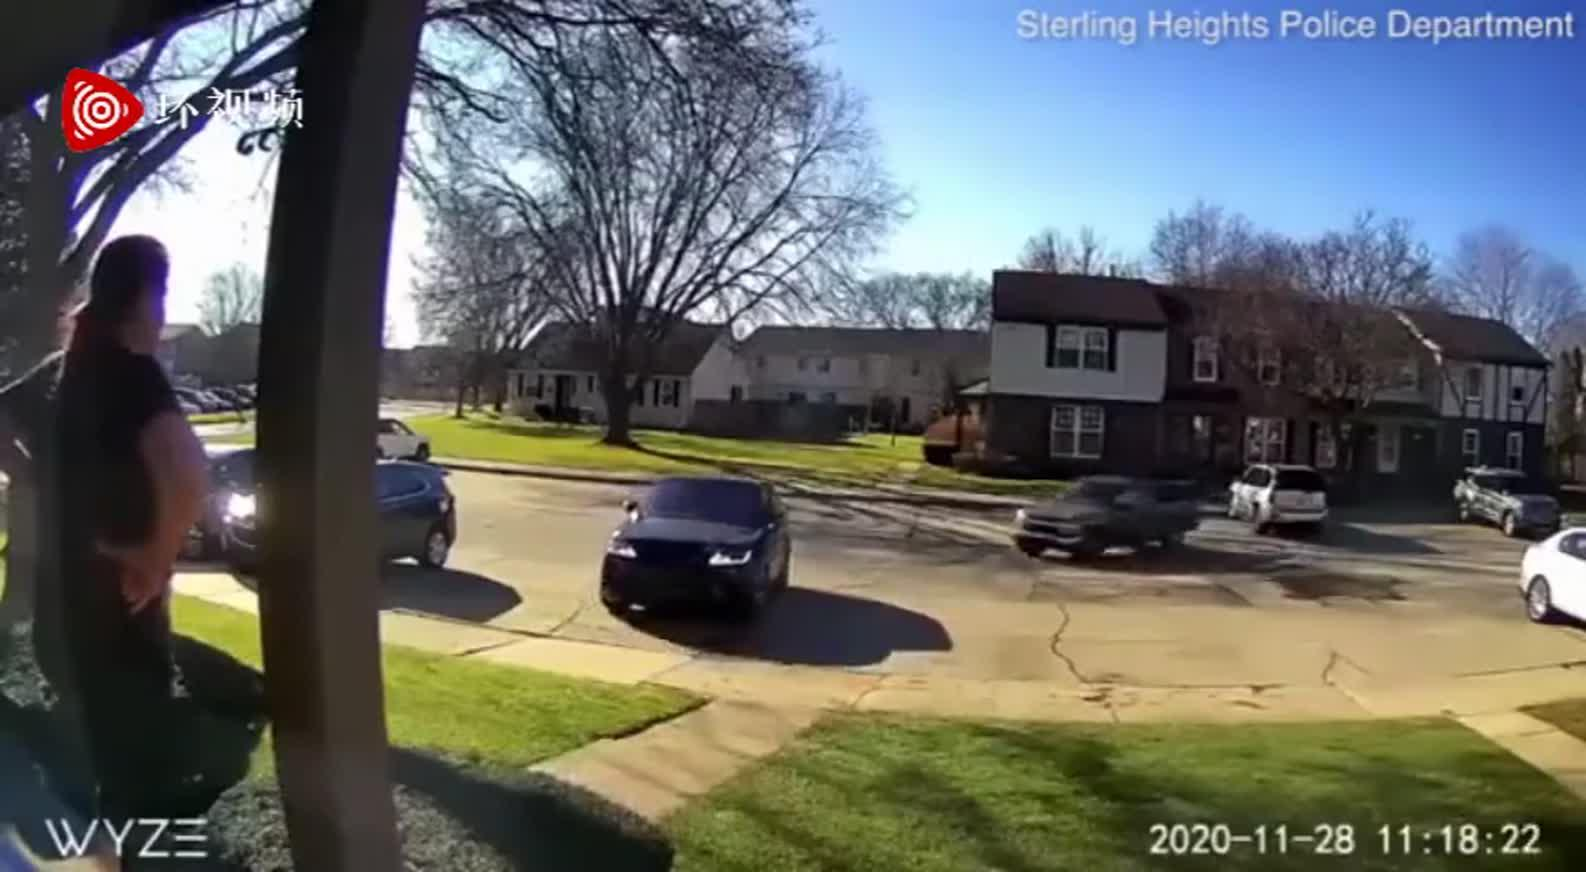 美国一男子前女友家门外朝其开枪8次并开车追赶